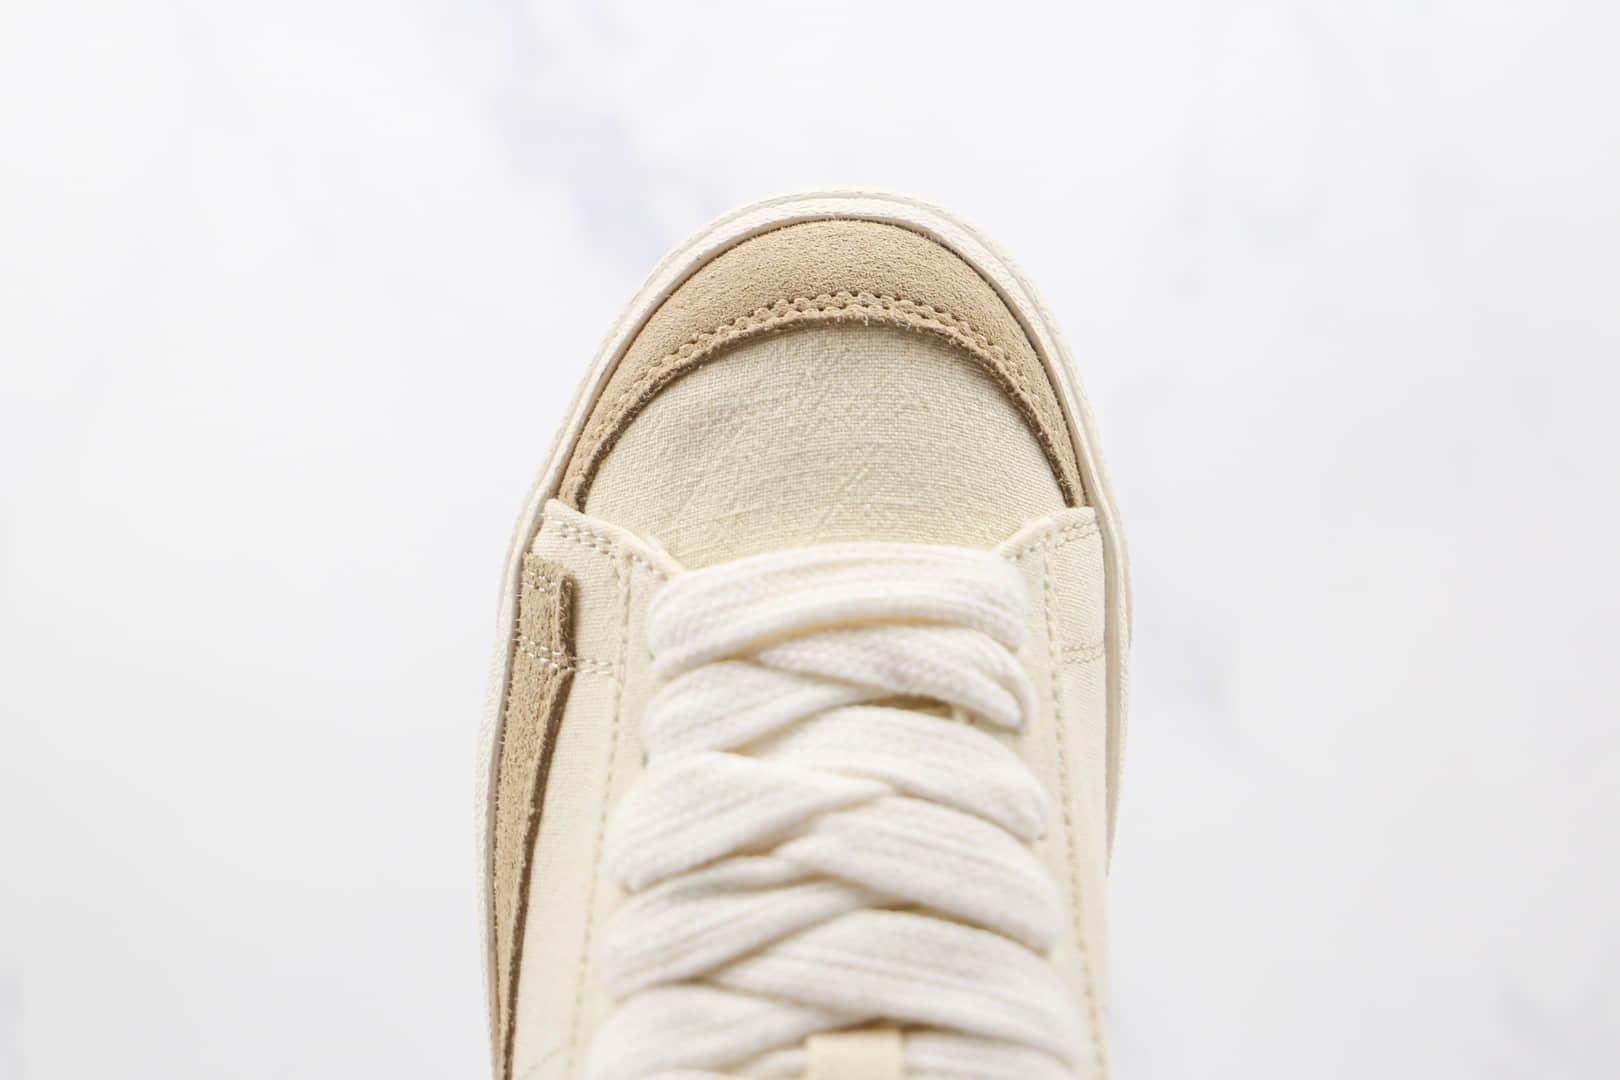 耐克NIKE Blazer LOW 77 VNTG纯原版本低帮开拓者腰果花米色板鞋原楦头纸板打造 货号:DJ4665-100